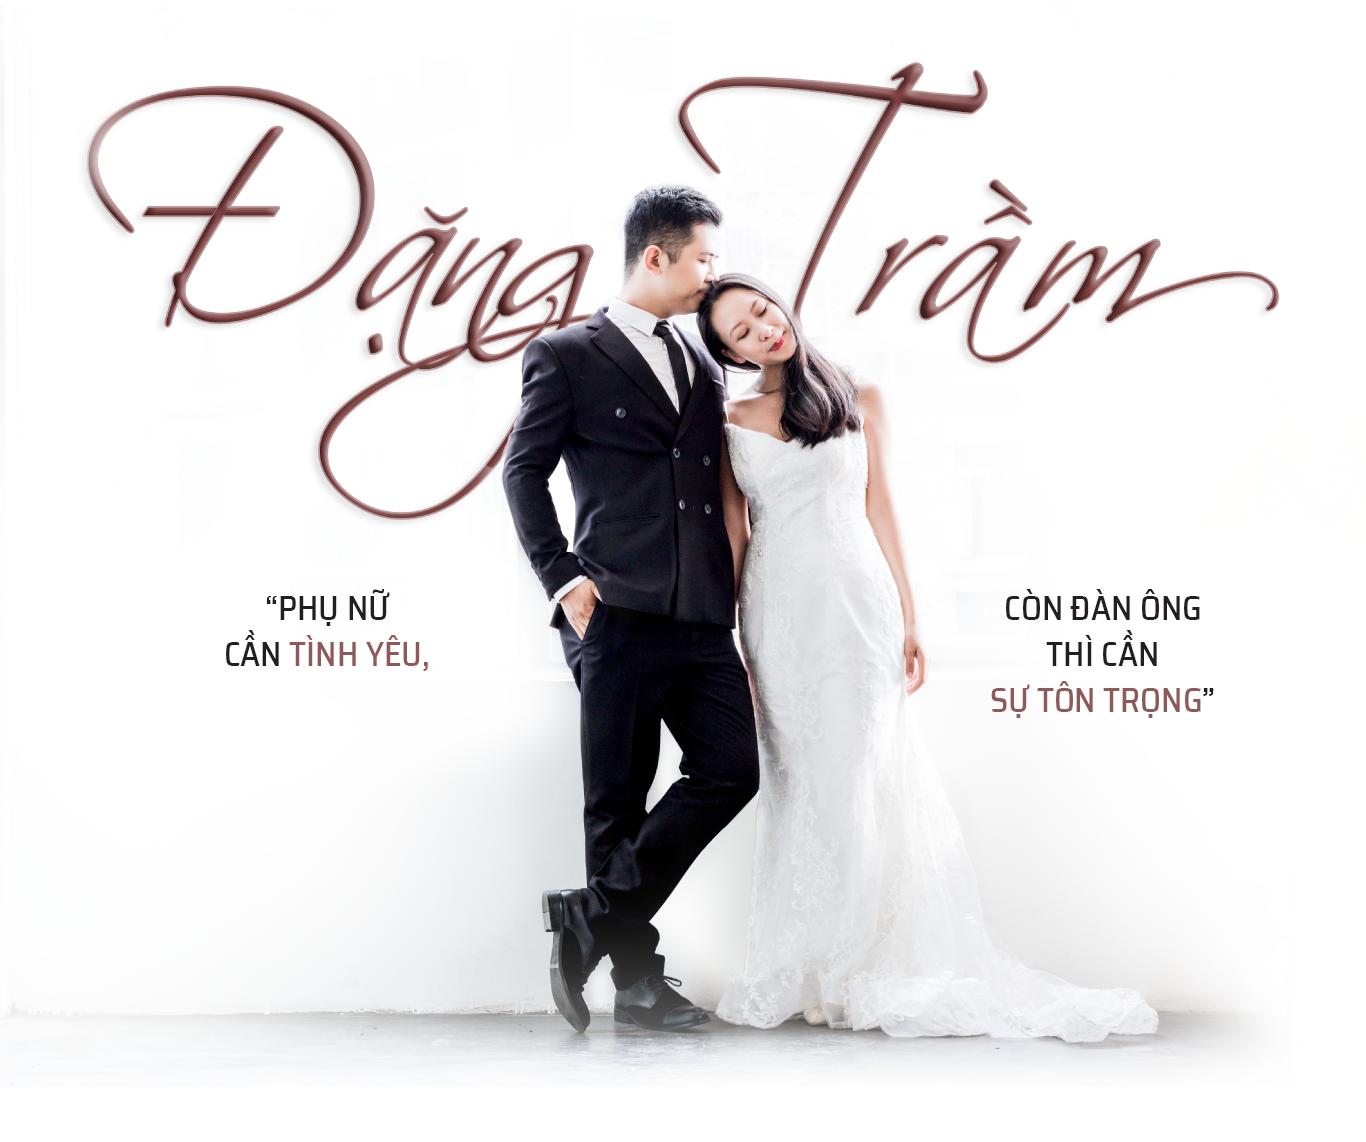 dang-tram-phu-nu-can-tinh-yeu-con-dan-ong-can-su-ton-trong